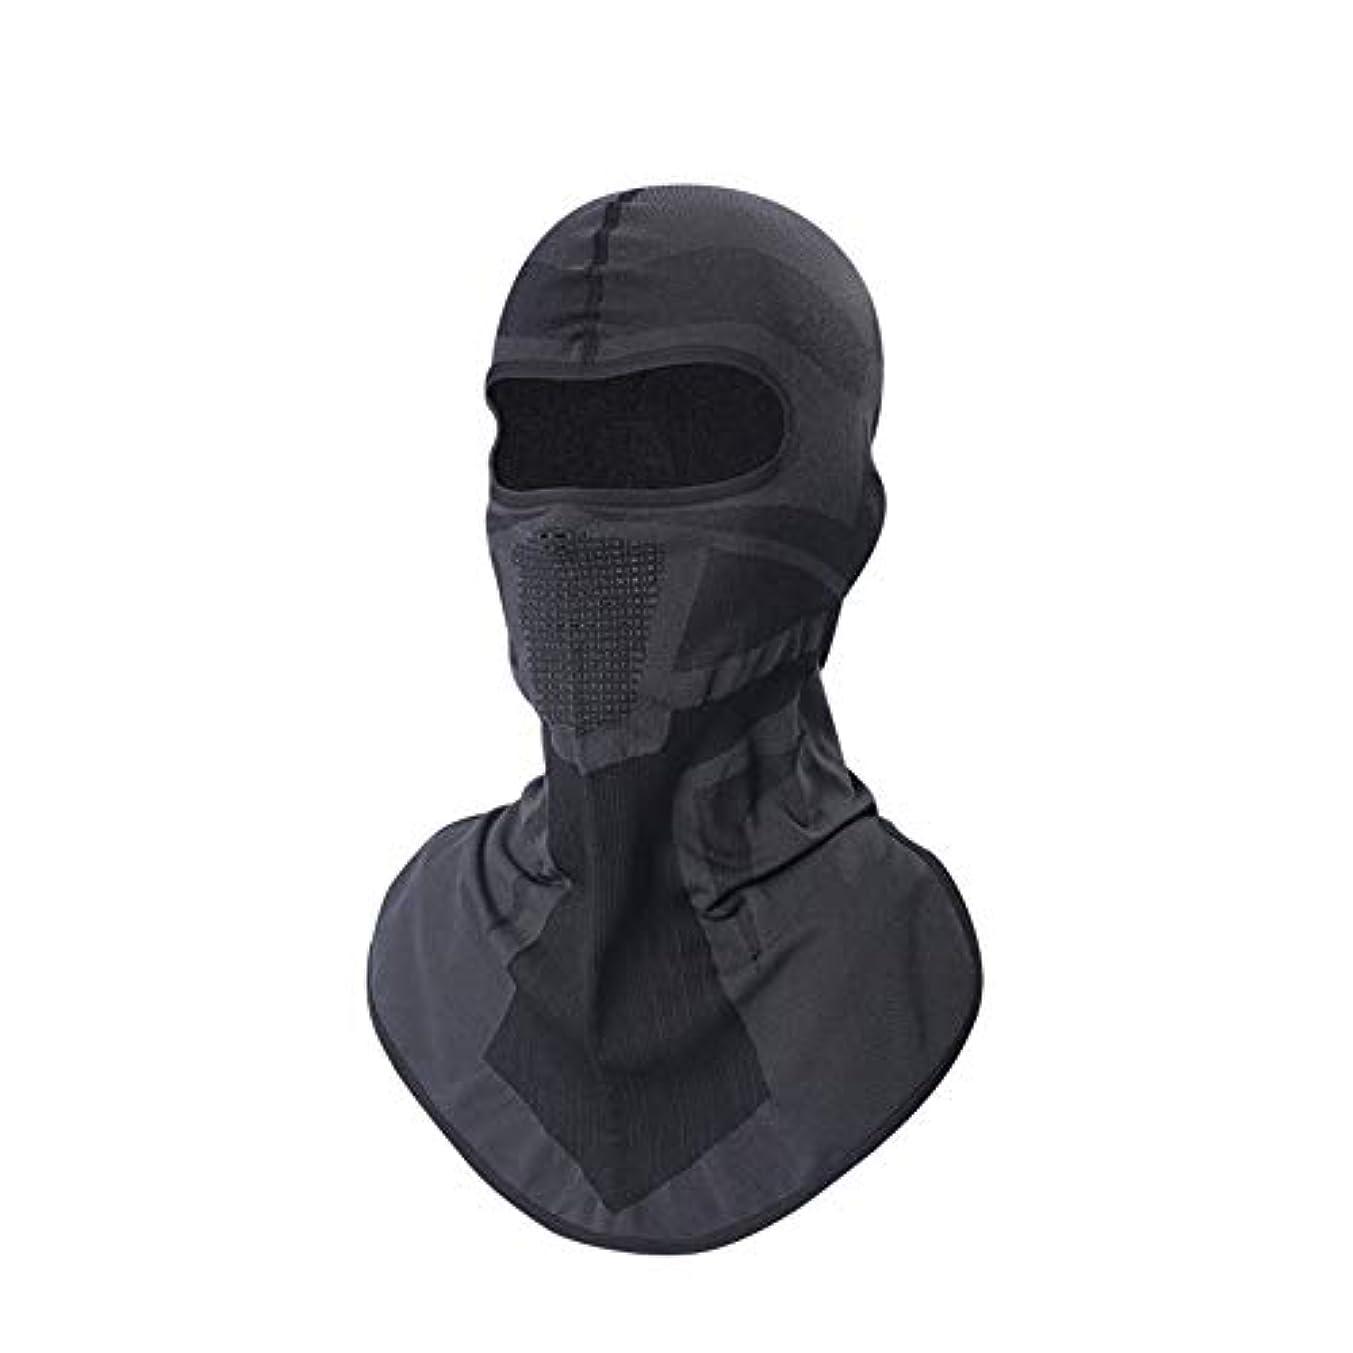 ドラマウィザードあざマスク日焼け止めオートバイフード男性通気性フード付きヘルメット裏地保護フルフェイスマスク